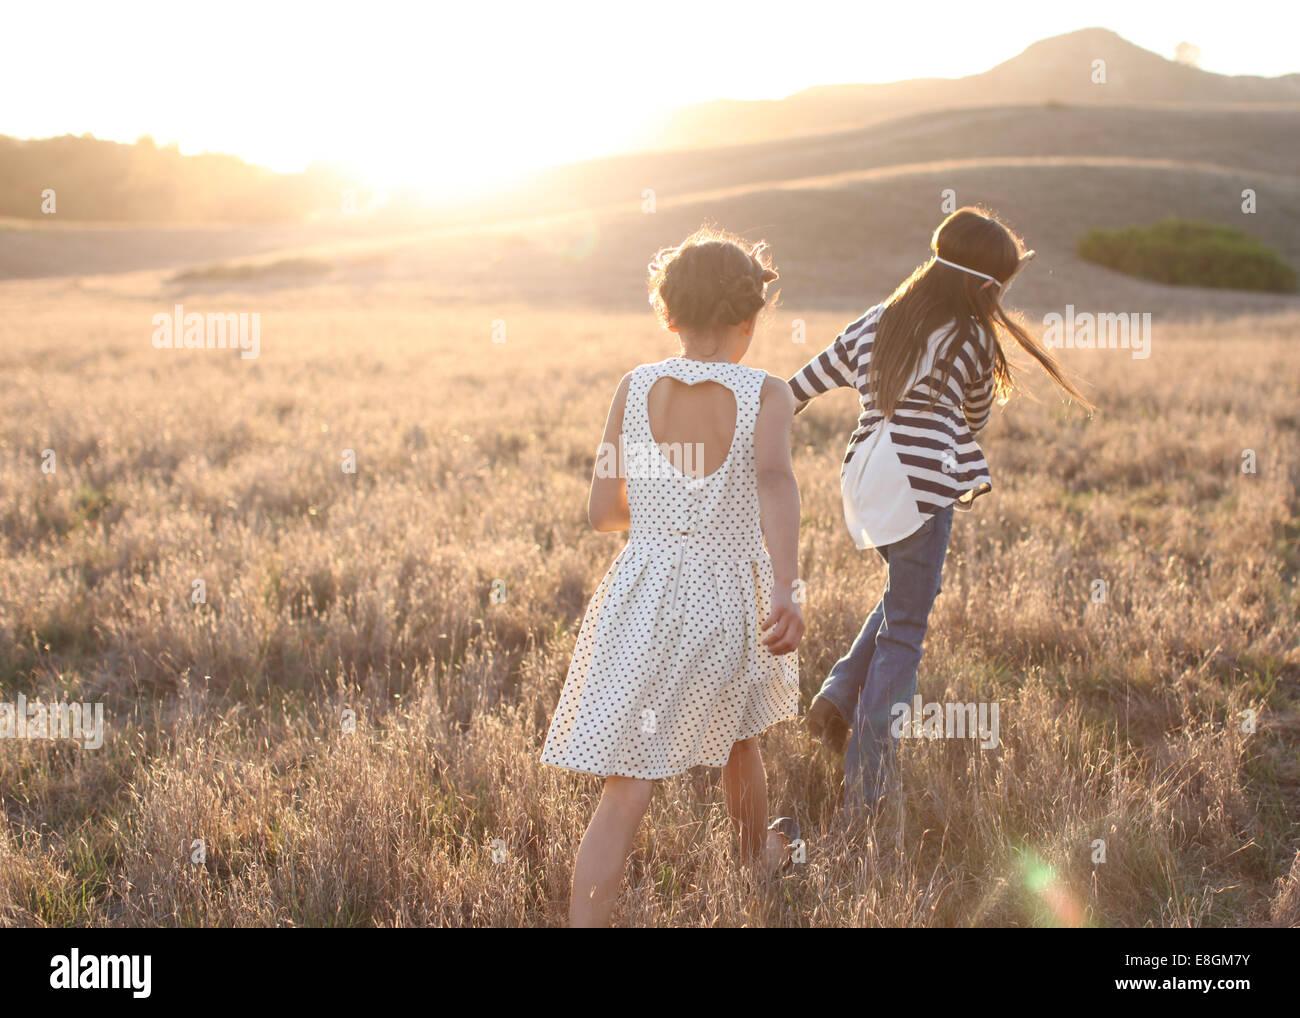 Rückansicht der beiden Mädchen walking im freien Stockbild